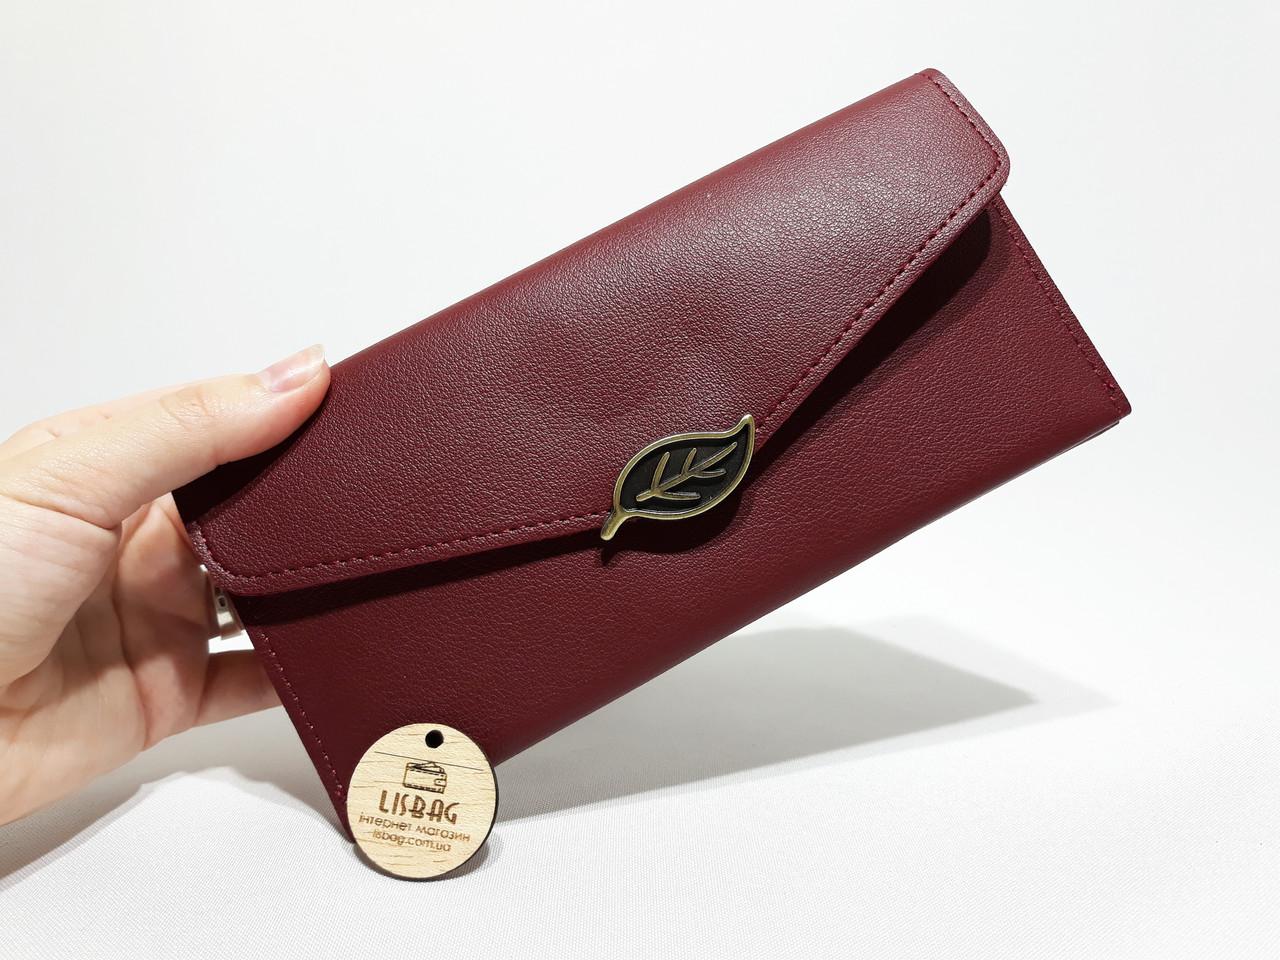 d88d4a85a4ed ... Бордовый женский классический кошелек клатч бордового цвета , фото 3 ...